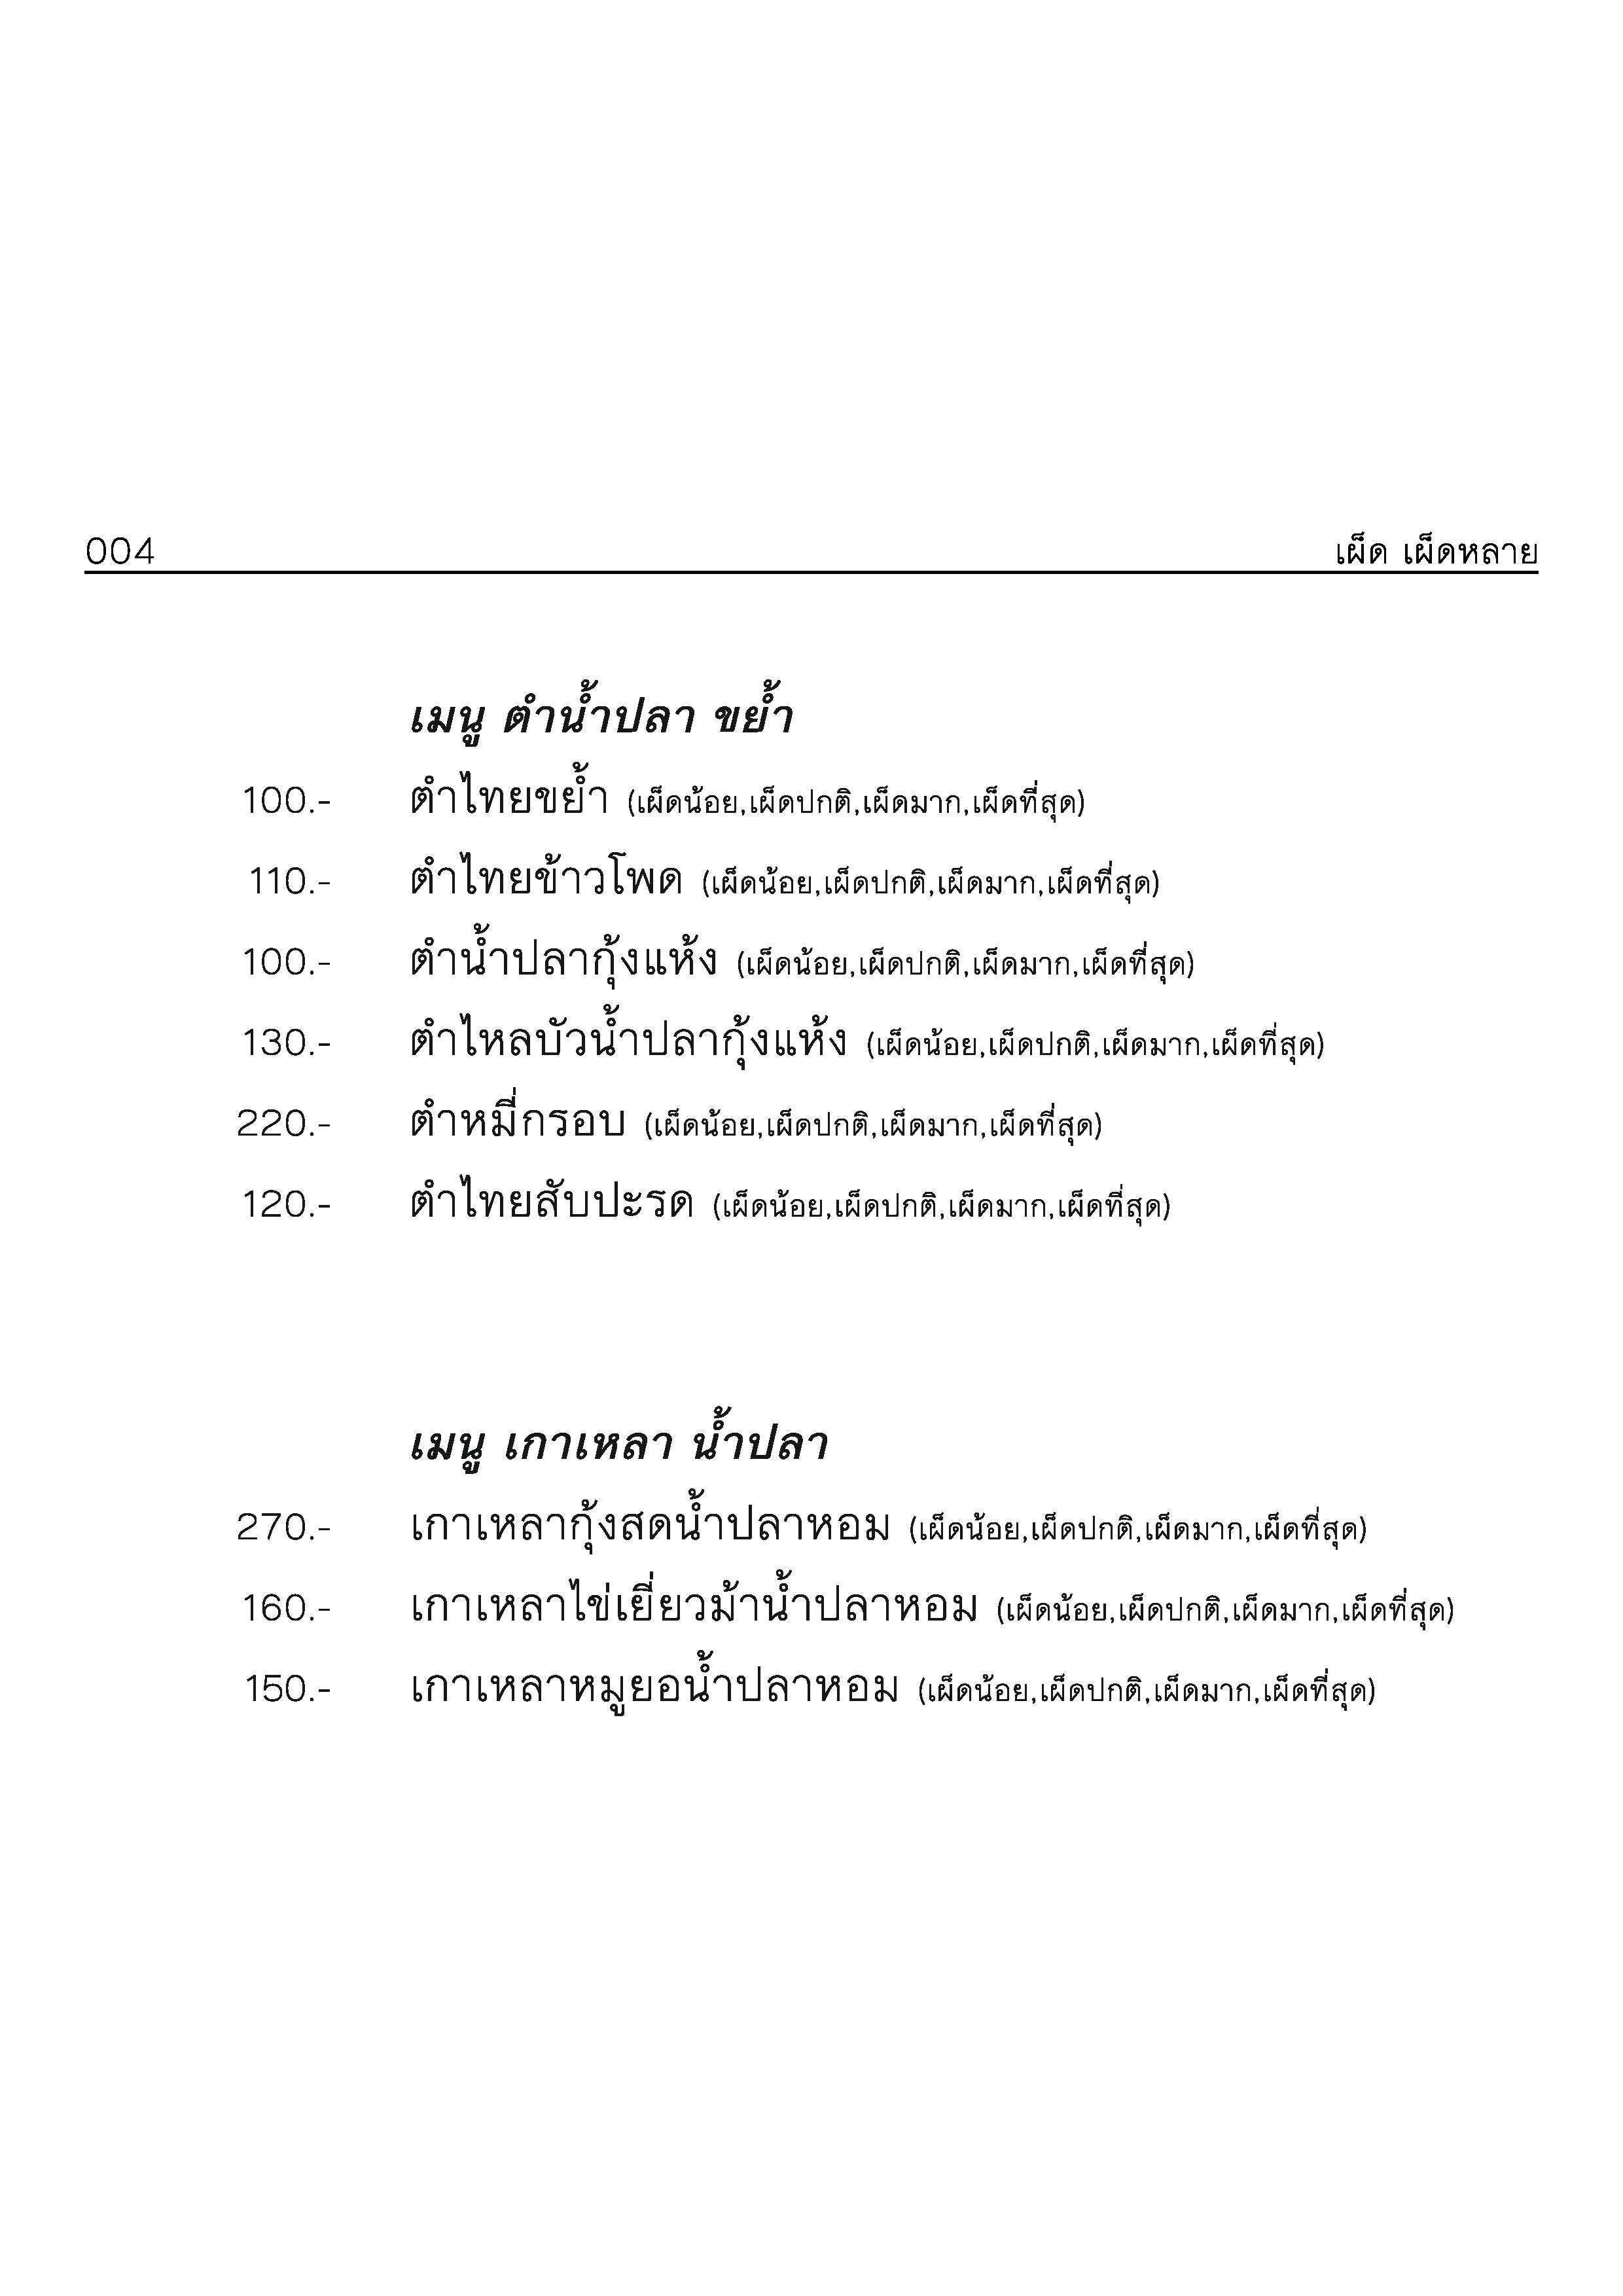 เมนูหลาย-พหล8-21-1-64_Artboard 5 copy 8.